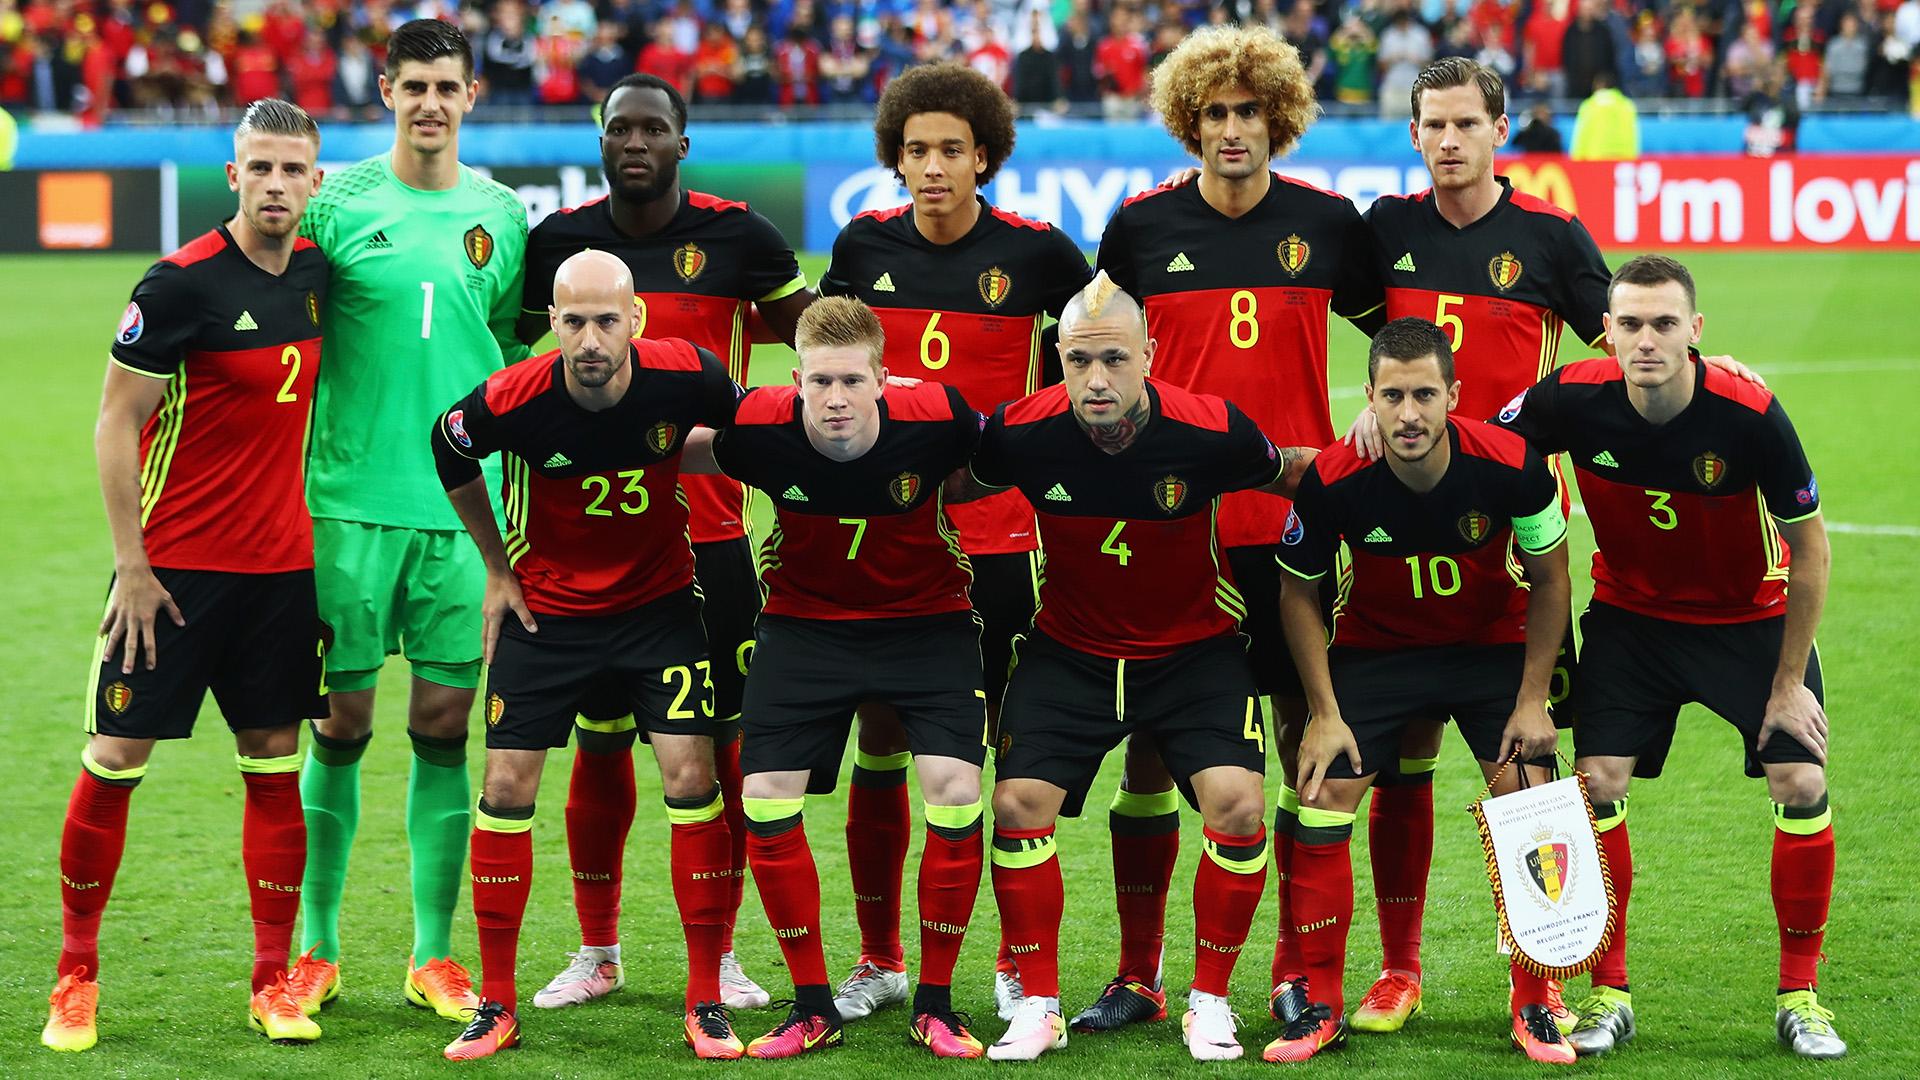 Con un promedio de edad de 27 años, el valor de Bélgica es de 599 millones de dólares